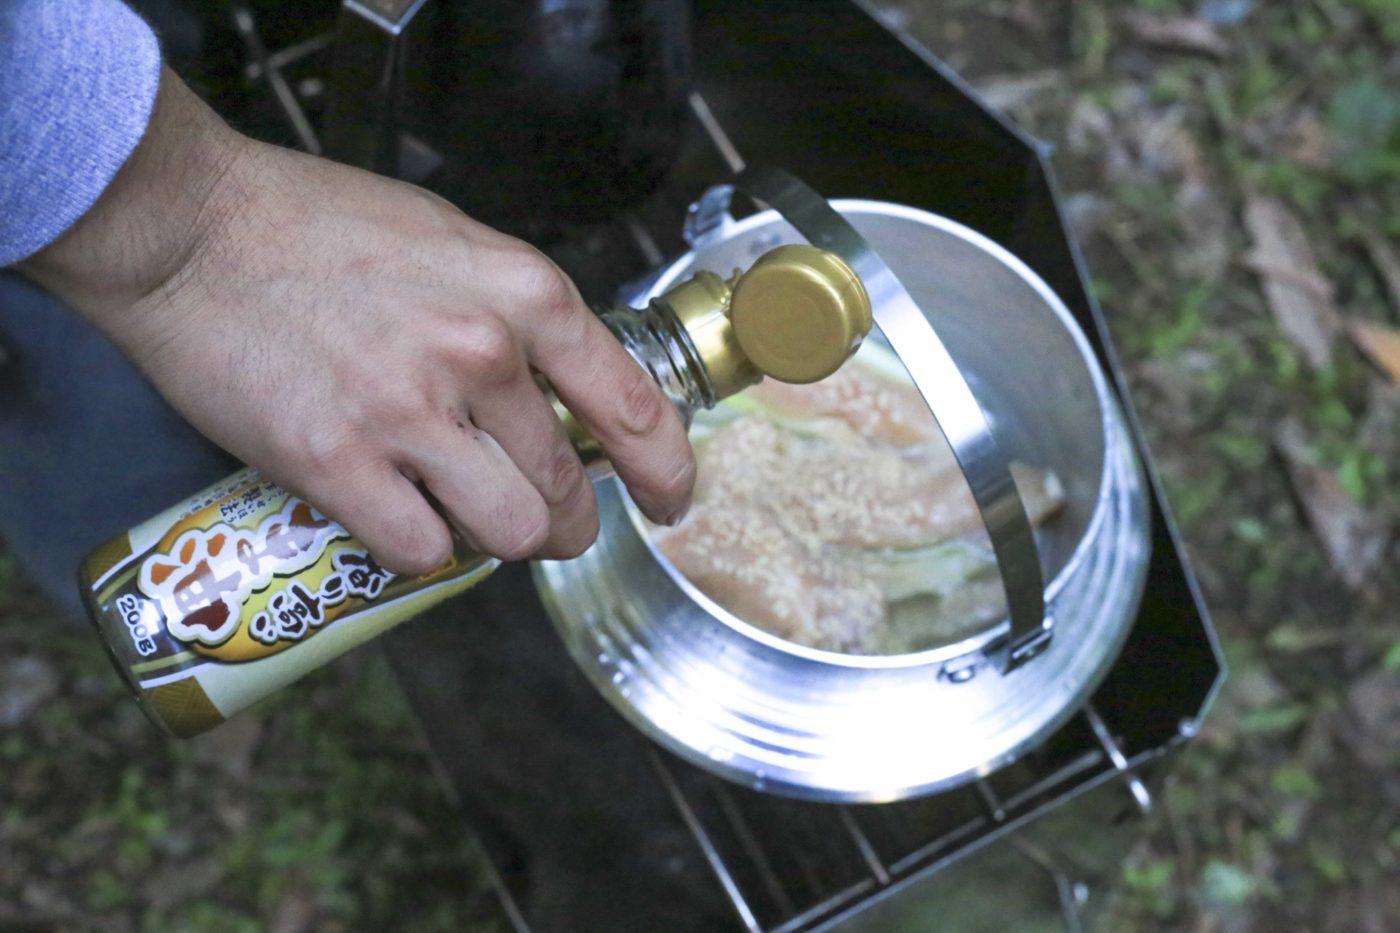 ユニフレームキャンプ羽釜を使ったキャンプ飯レシピ【鶏飯】。ごま油は最後に回しかけたほうが美味しい。